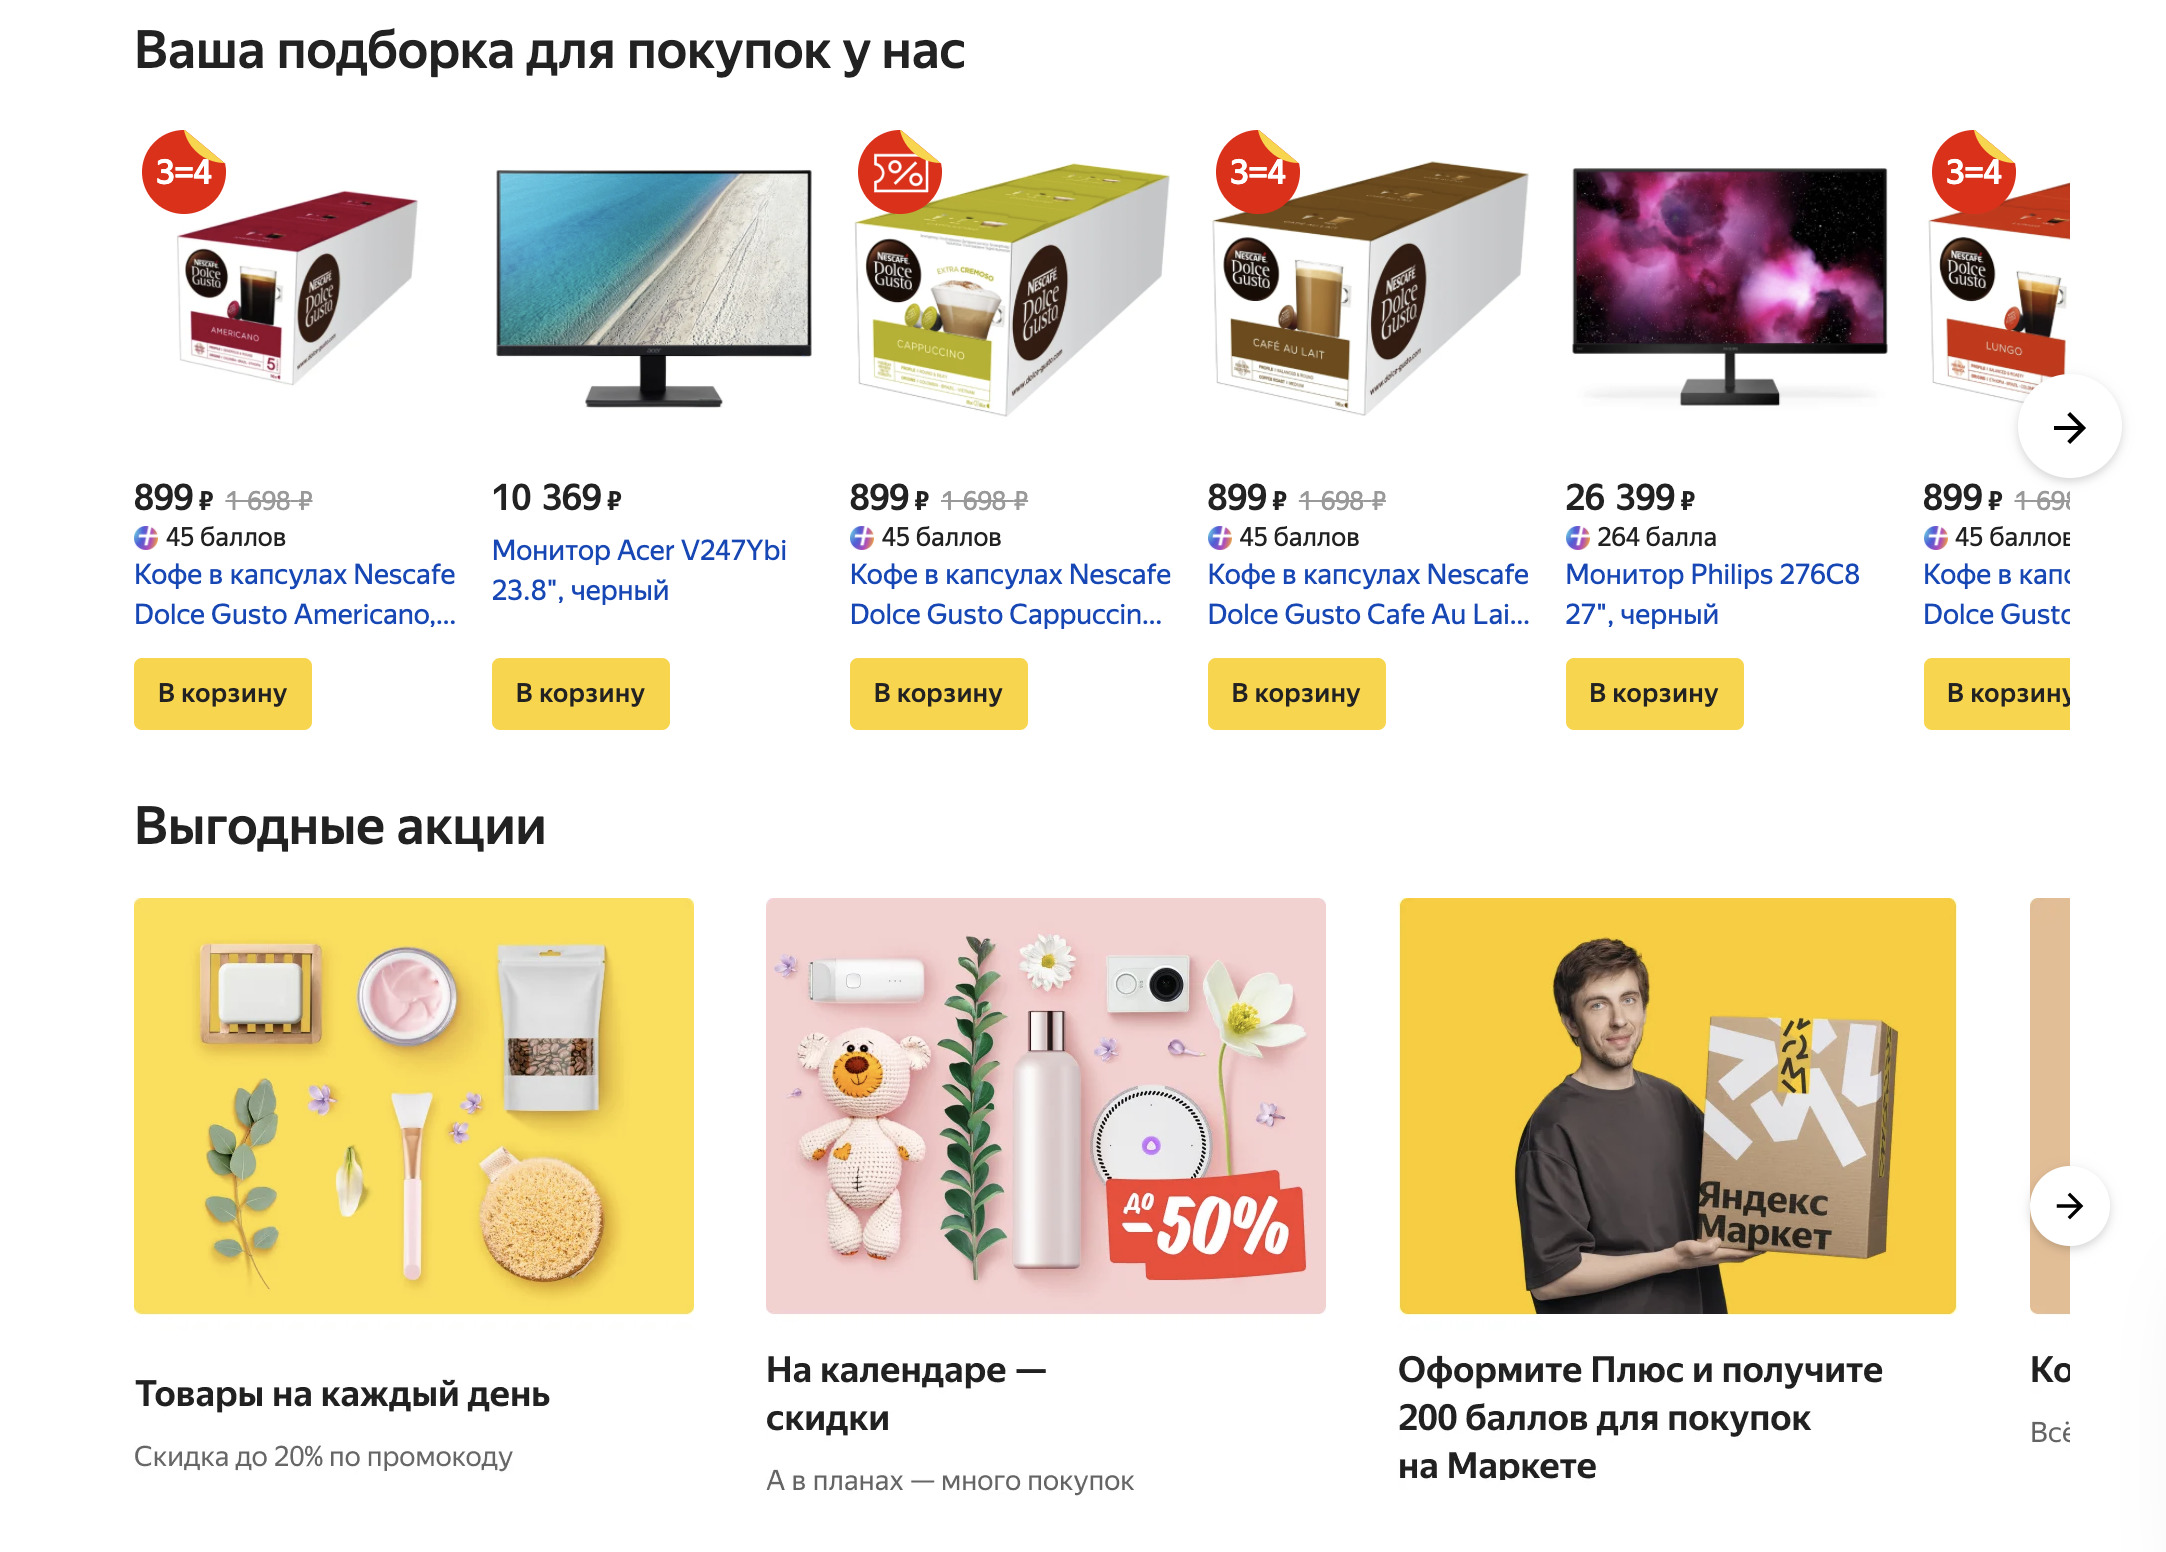 Доставка из Яндекс.Маркет в Грозный, сроки, пункты выдачи, каталог